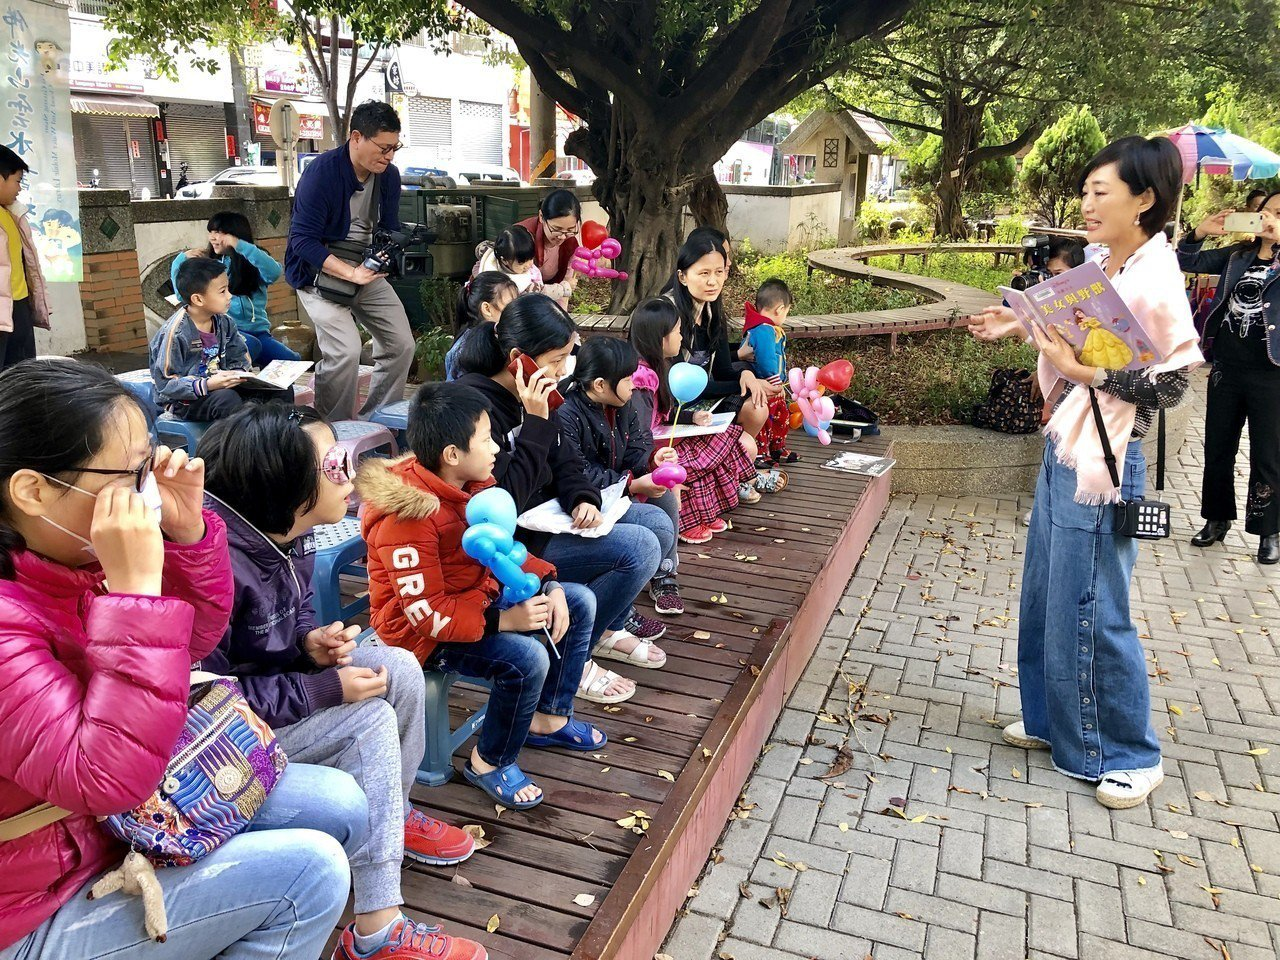 聯聚建設董事長江韋侖的太太阮旭輝,在大樹下為小朋友說故事。記者宋健生/攝影